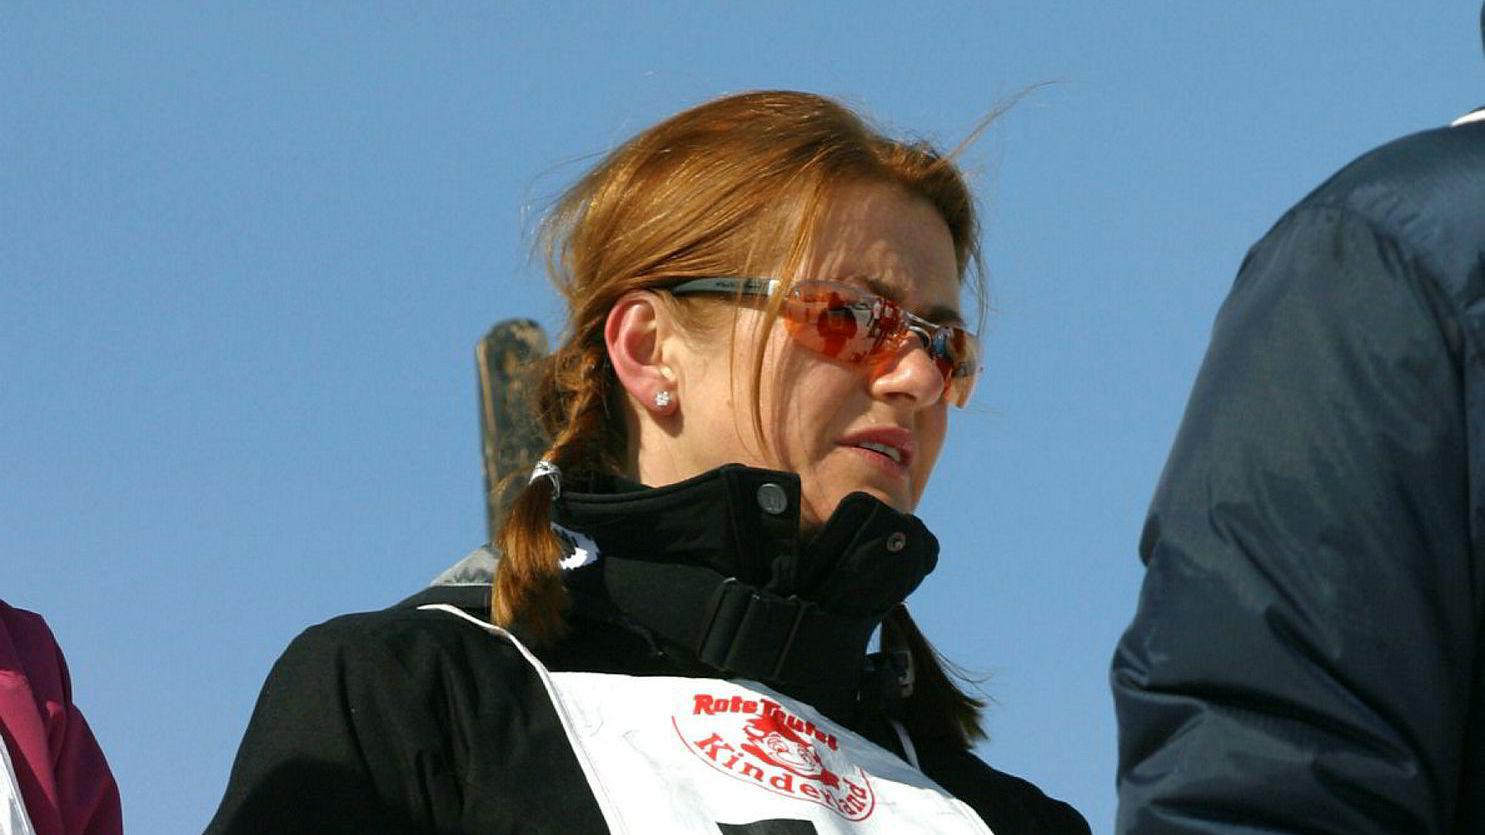 Styreleder Monica Staff er fornøyd med utviklingen i Resett. Her i skibakken i Kitzbühel i forbindelse med Orkla Enskildas årlige tur med investorer.